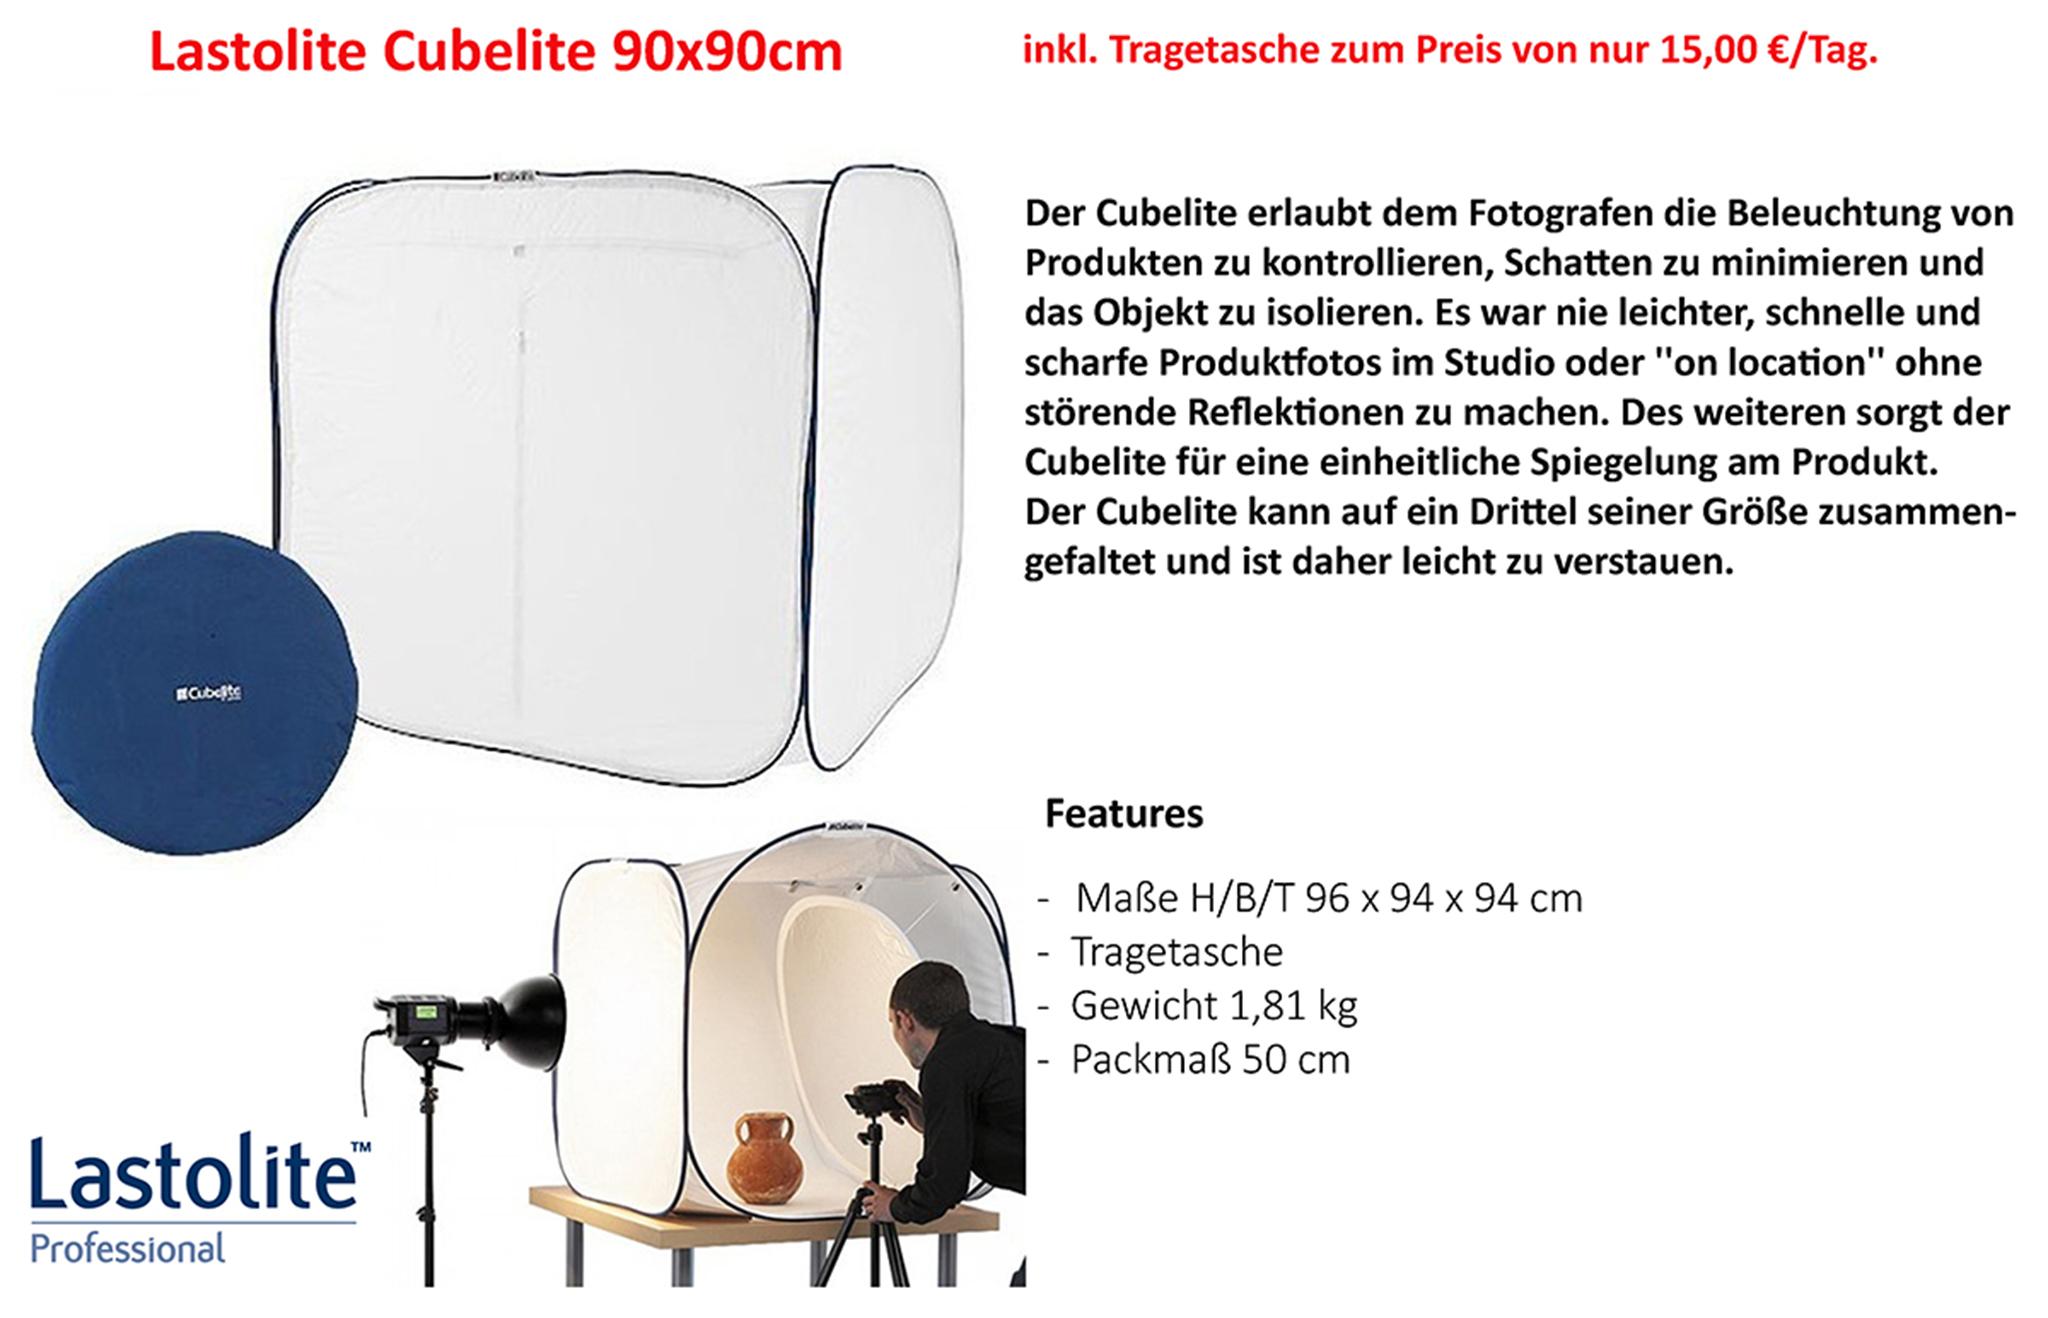 Lastolite CubeLite 90x90cm